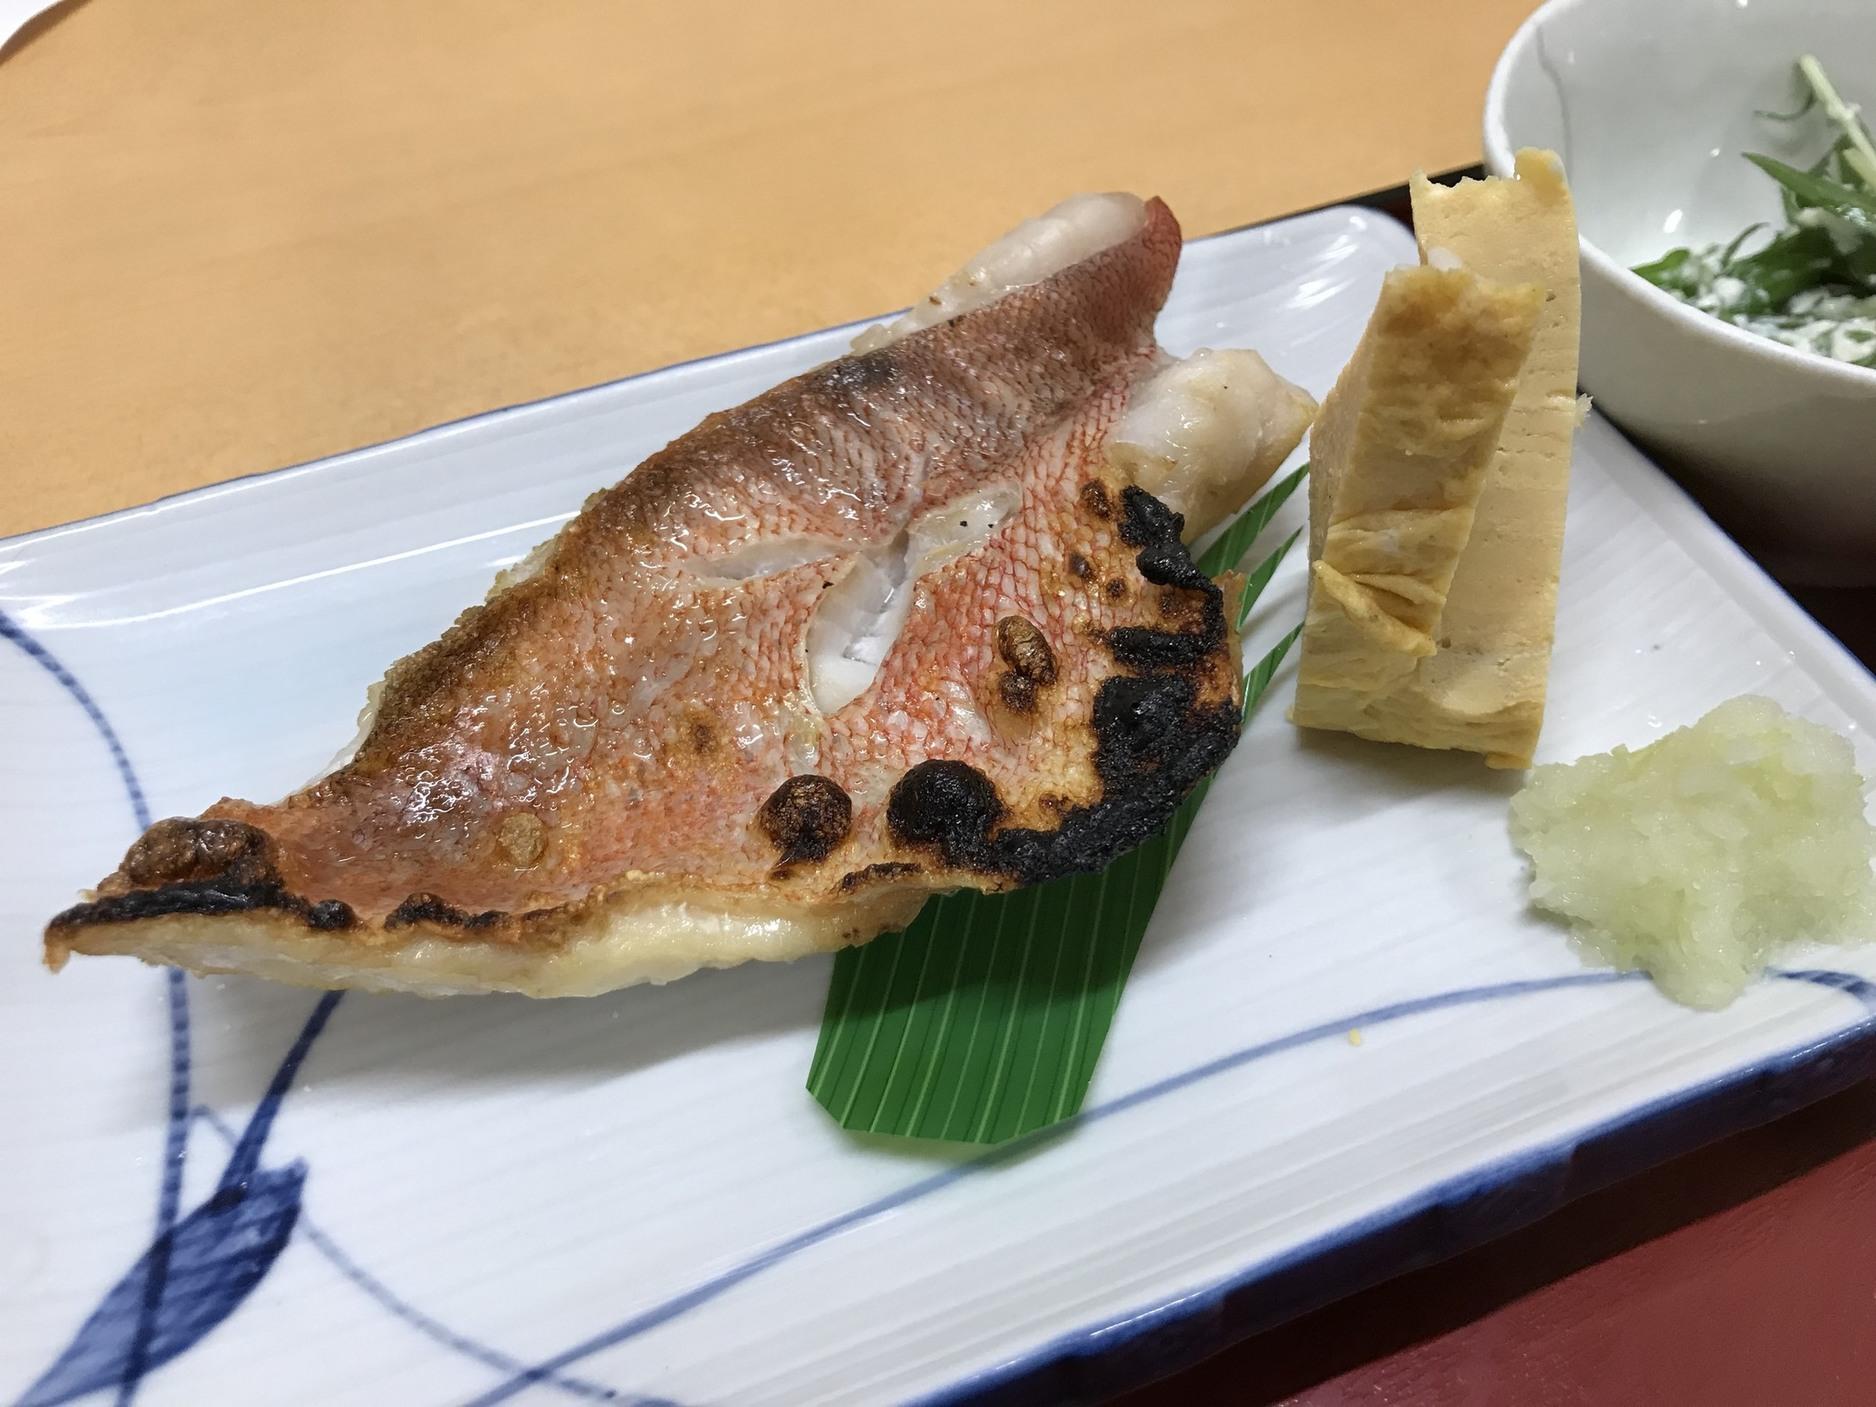 魚忠 実穀店 name=